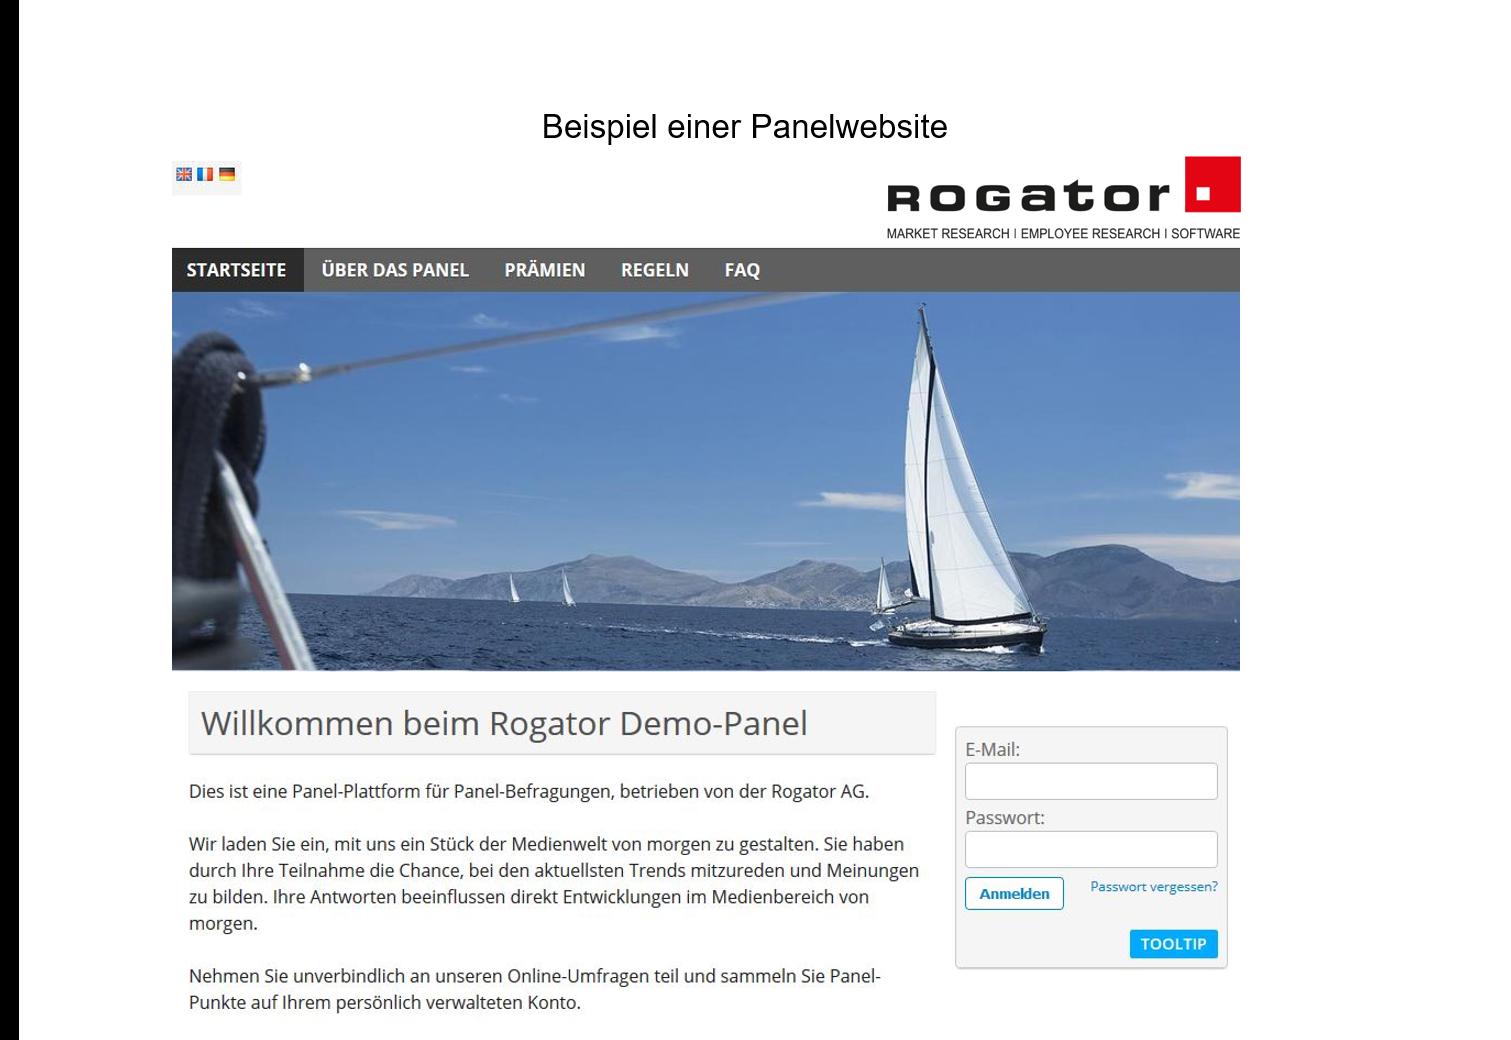 Beispiel Panelwebsite Rogator